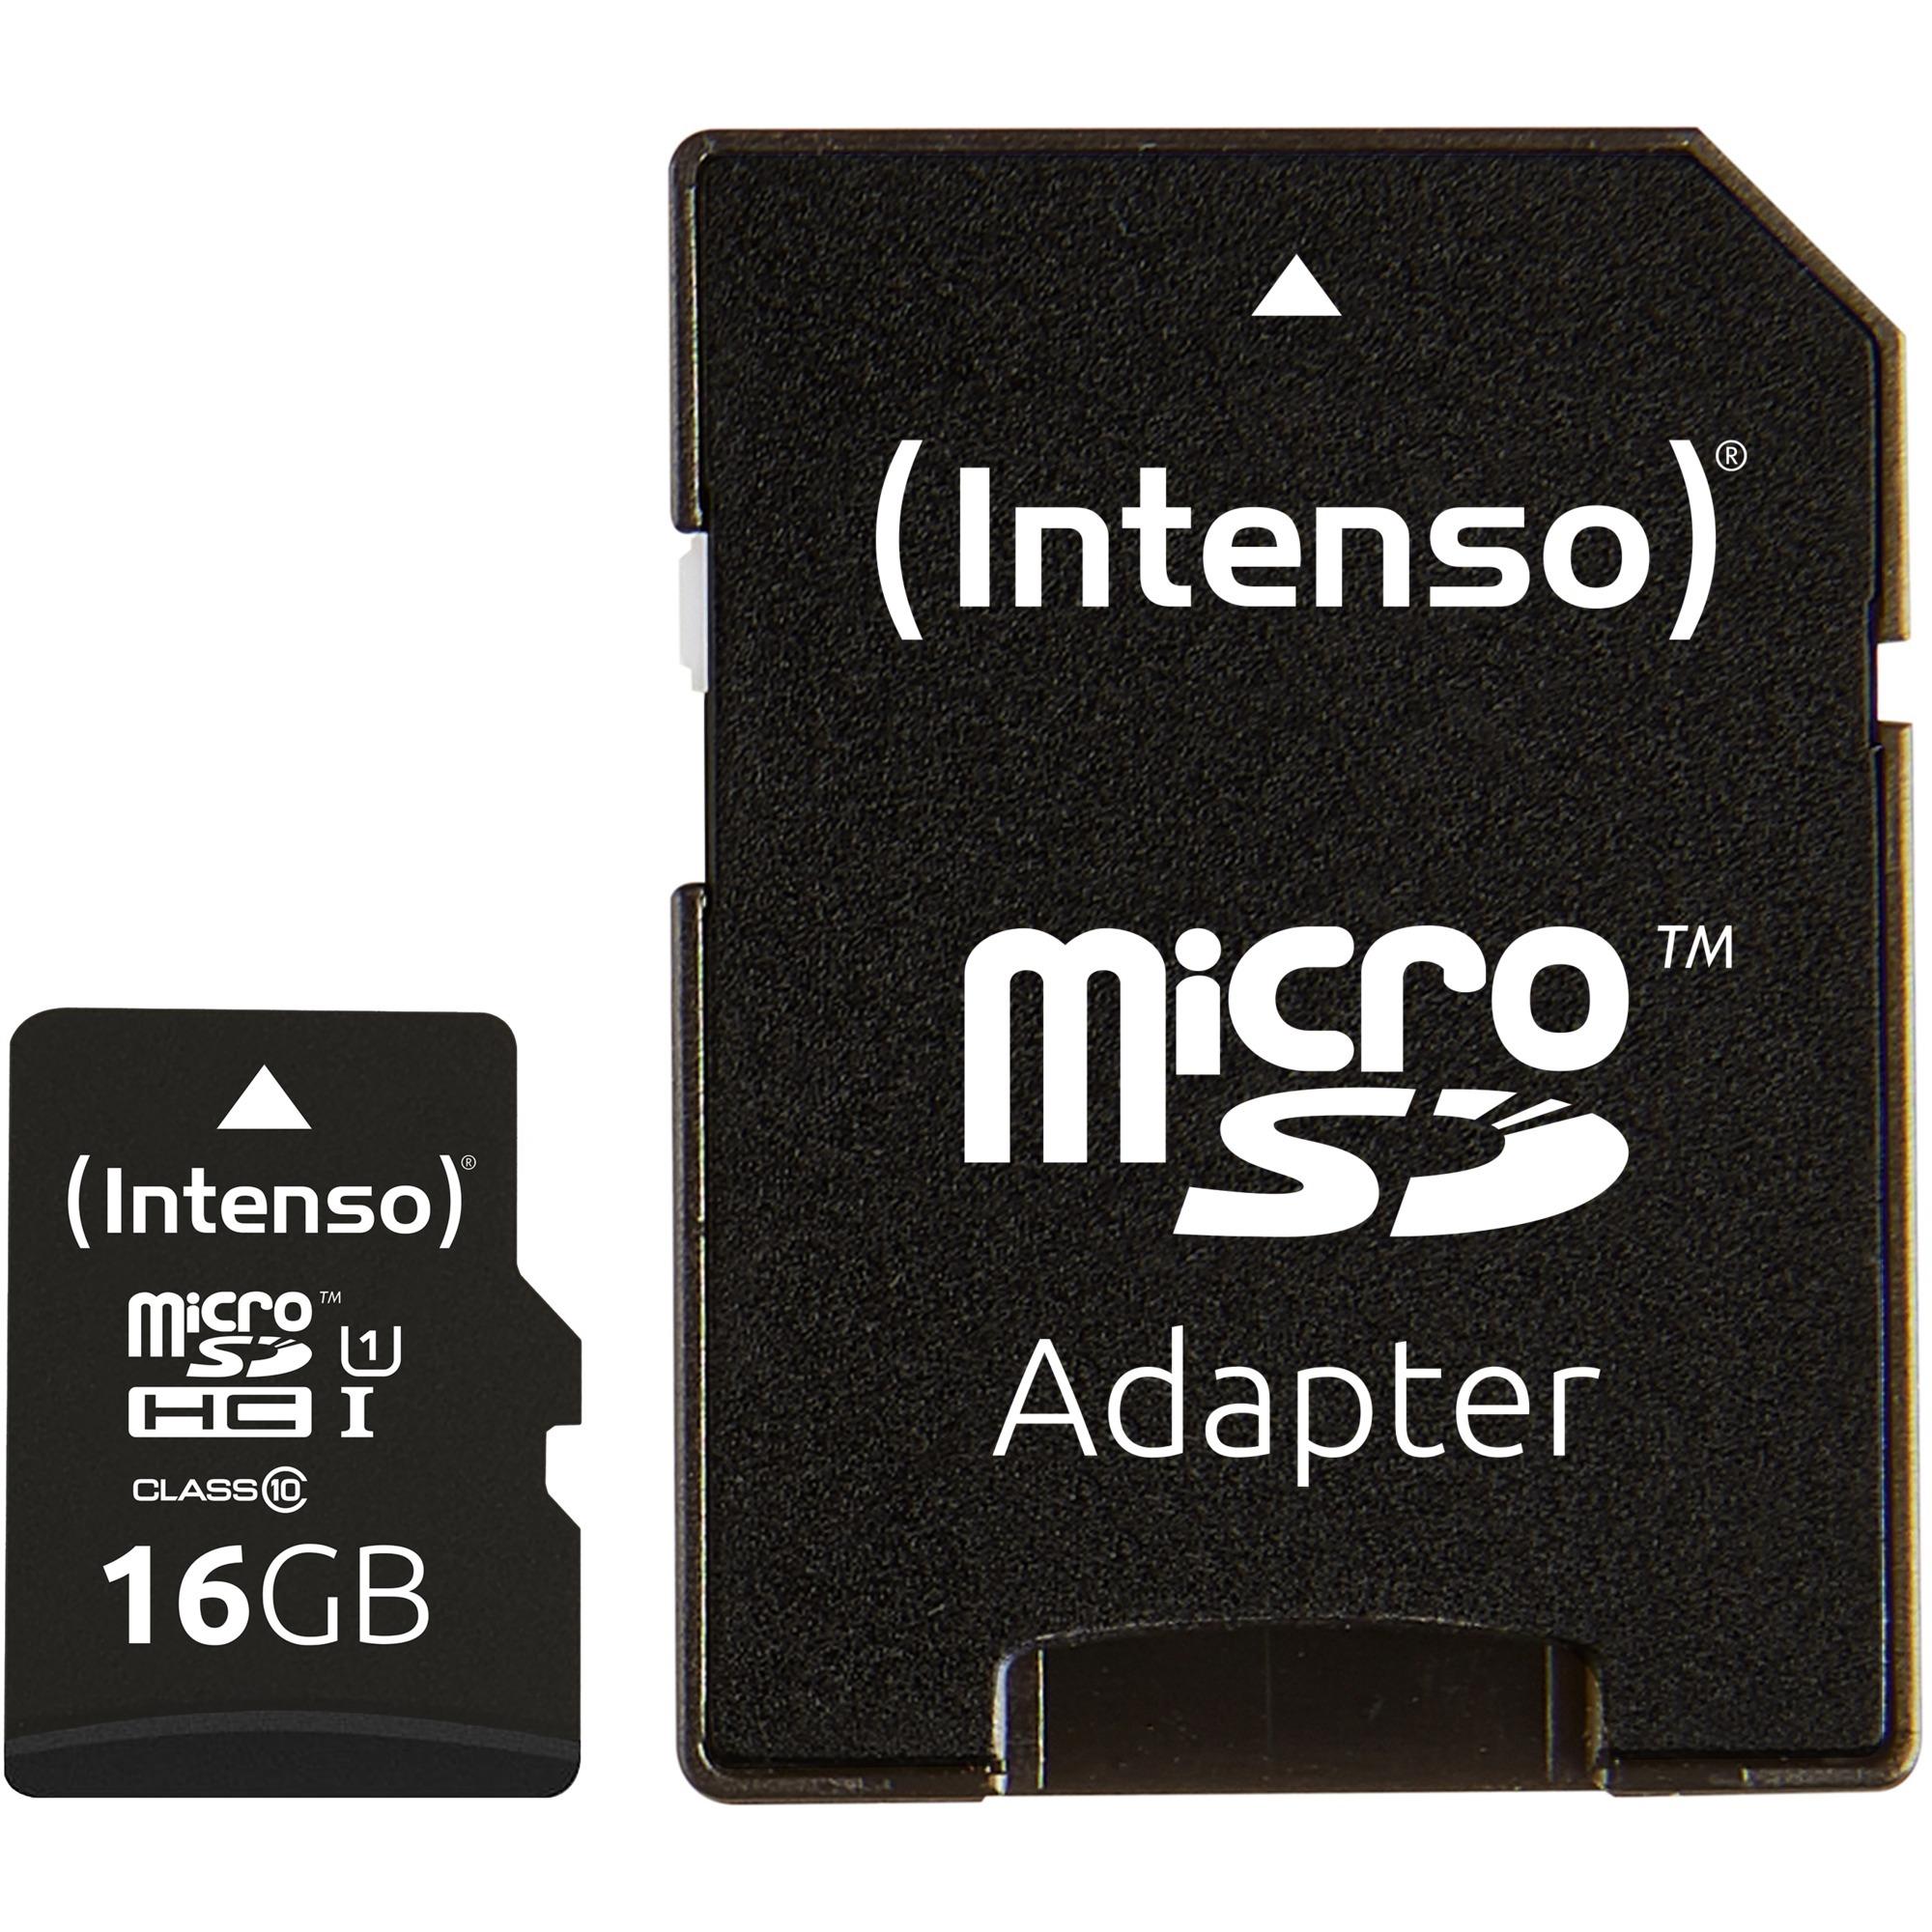 16GB microSDHC memoria flash Clase 10 UHS-I, Tarjeta de memoria